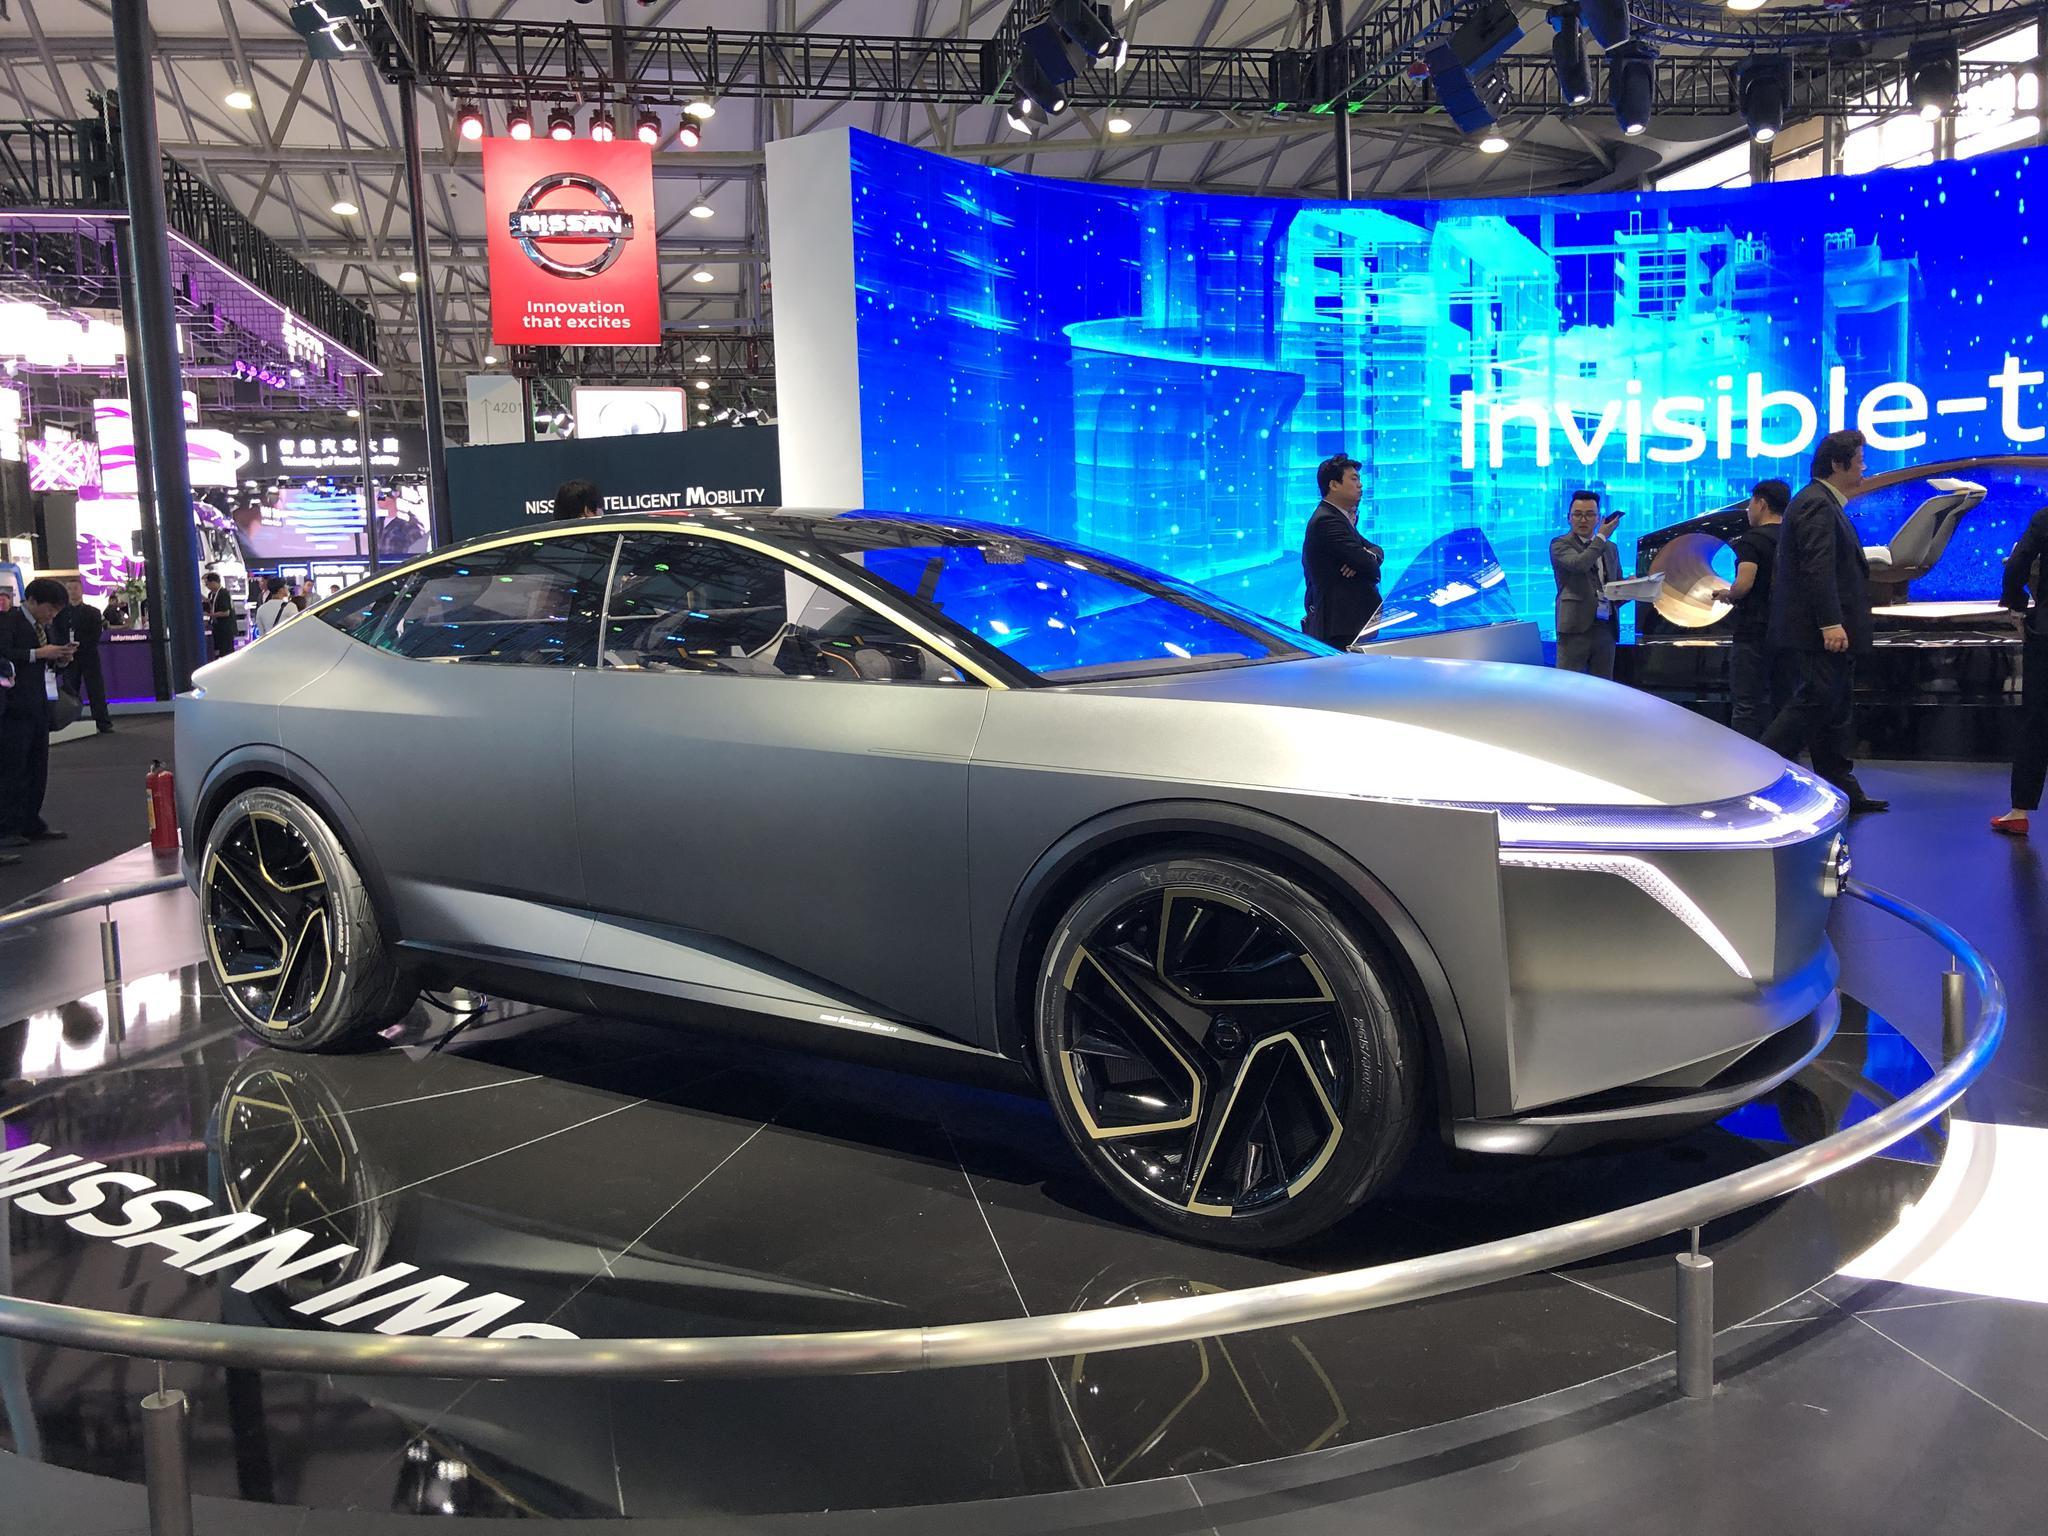 2019亚洲CES:日产汽车诠释未来出行